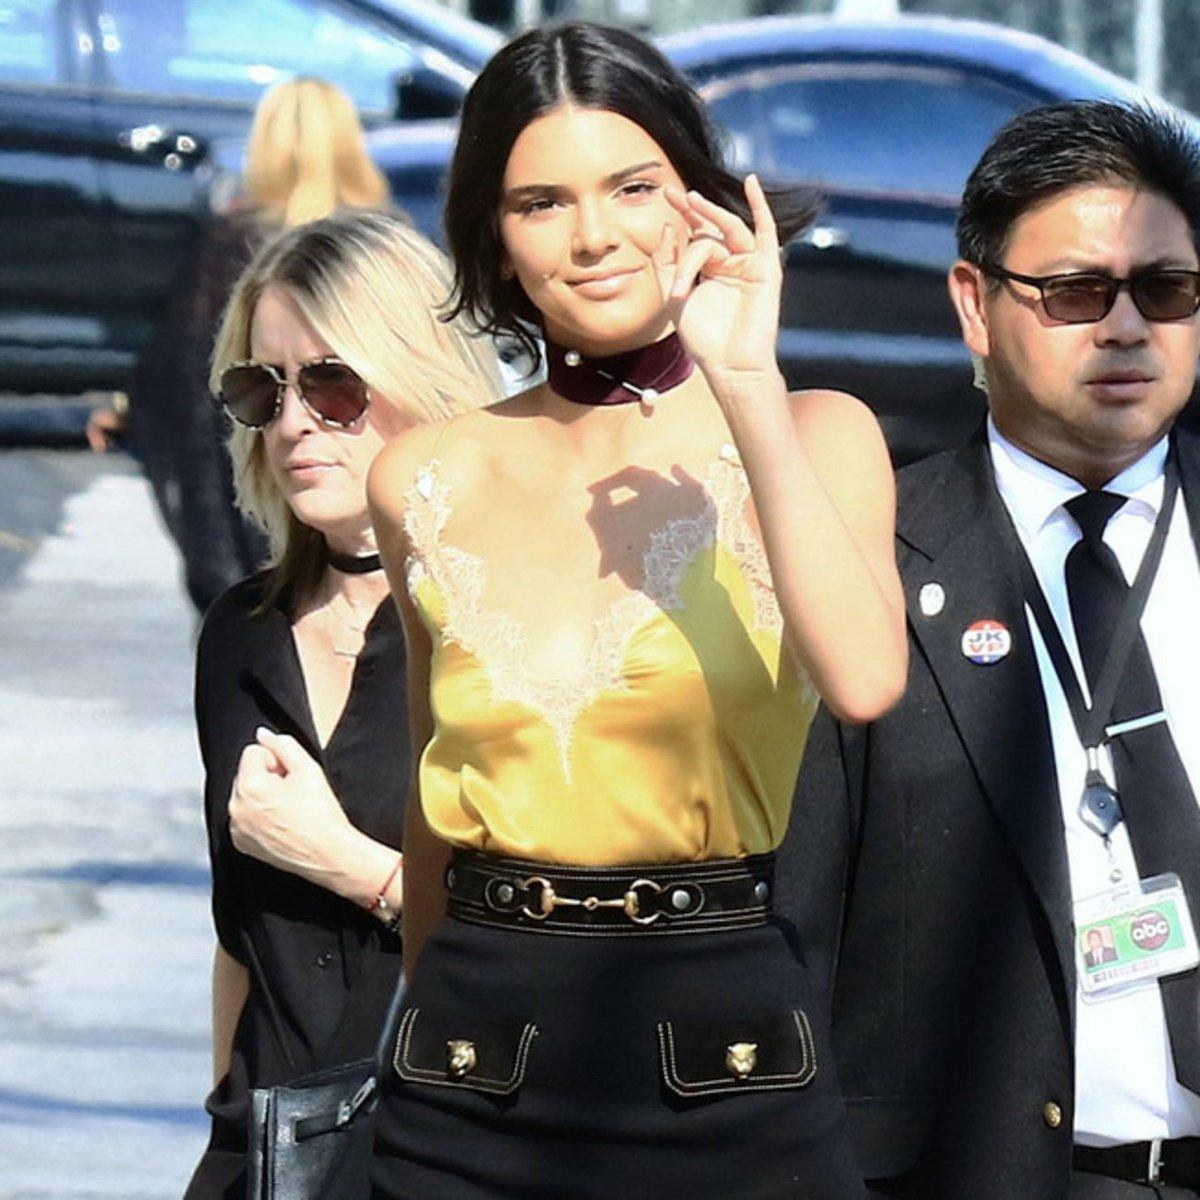 Apresan acosador de la estrella de moda Kendall Jenner